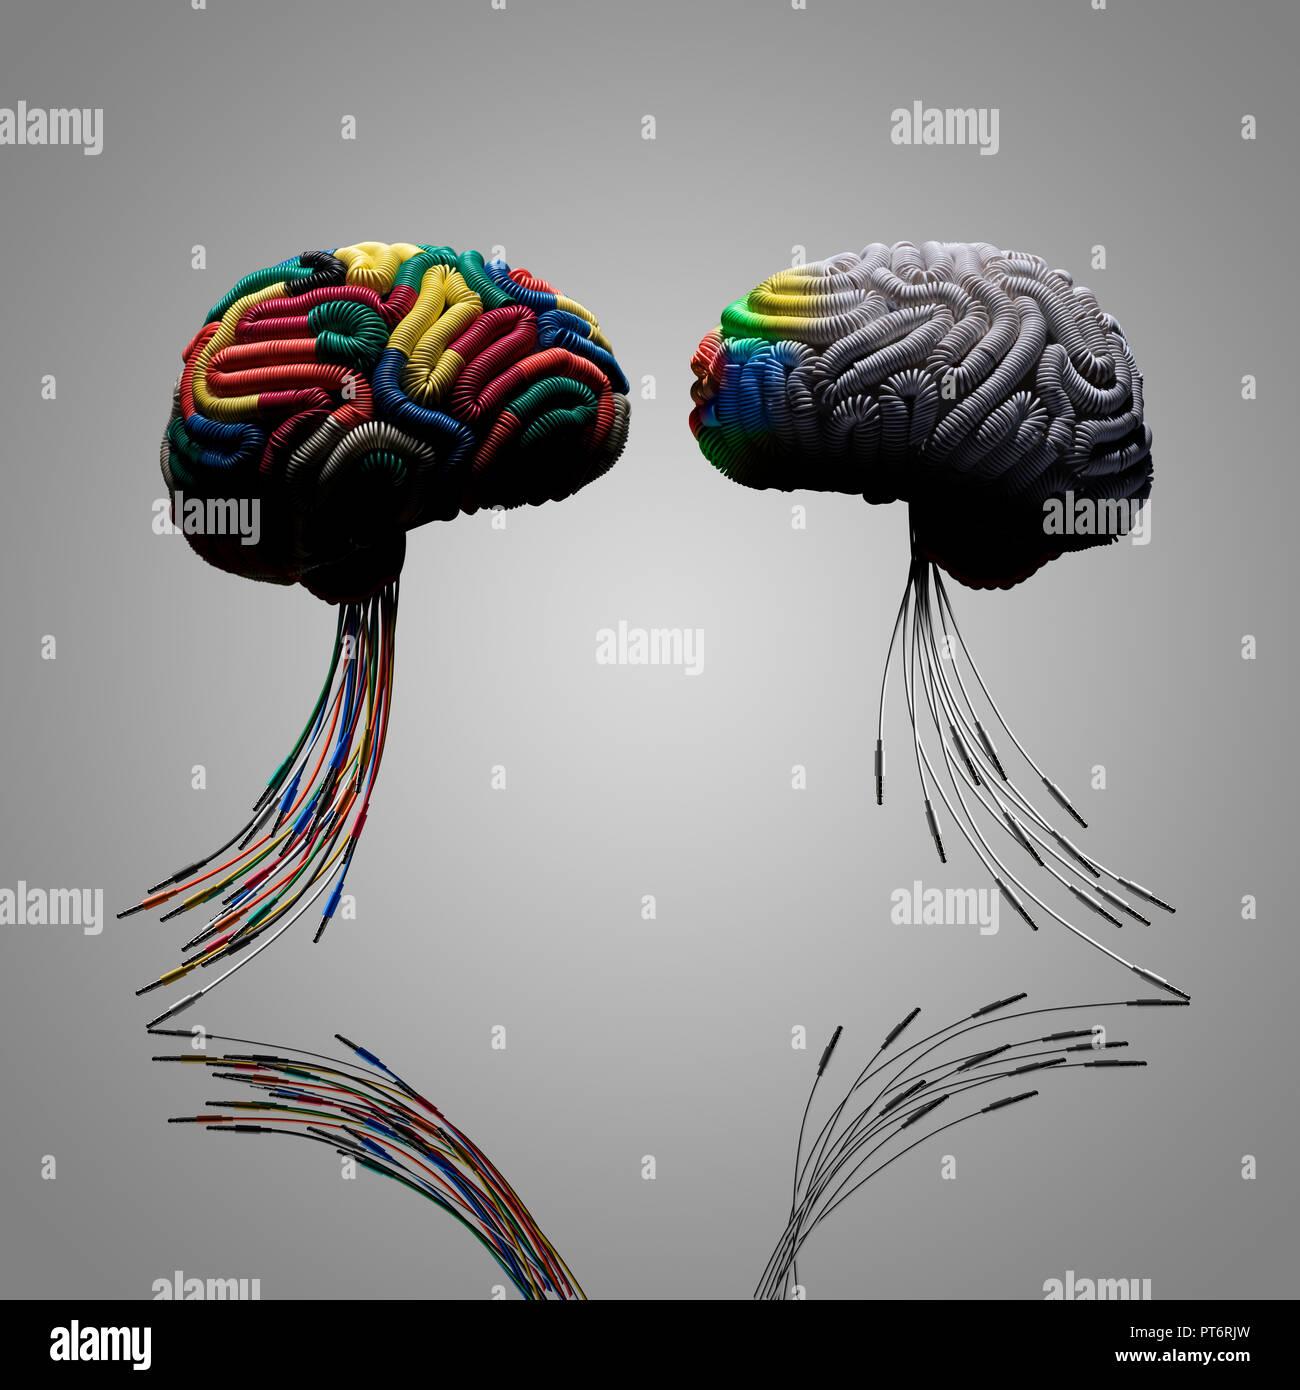 Konzept 2 zwei Gehirne, eine Verbindung von Farbe, Drähte, Stammzellen aus Klinkenstecker, verdrahtet, Verbindung, Vernetzung, verdrahtet, Lernen, Lehren, Influenc Stockbild